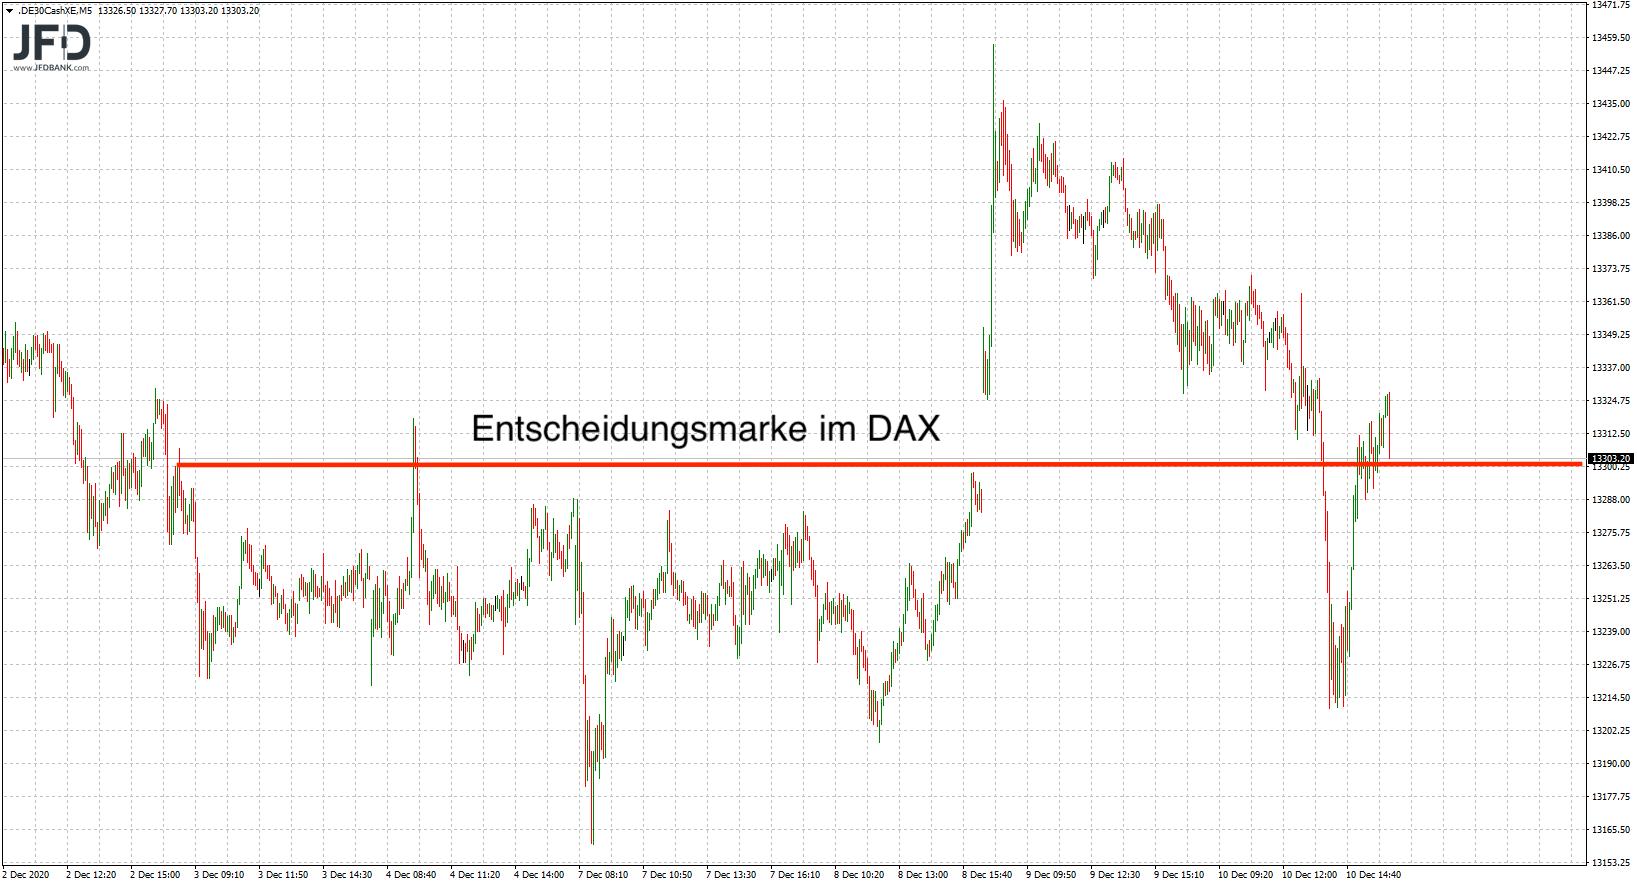 DAX-Ideen-nach-dem-EZB-Tag-Range-weiter-im-Fokus-Kommentar-JFD-Bank-GodmodeTrader.de-4